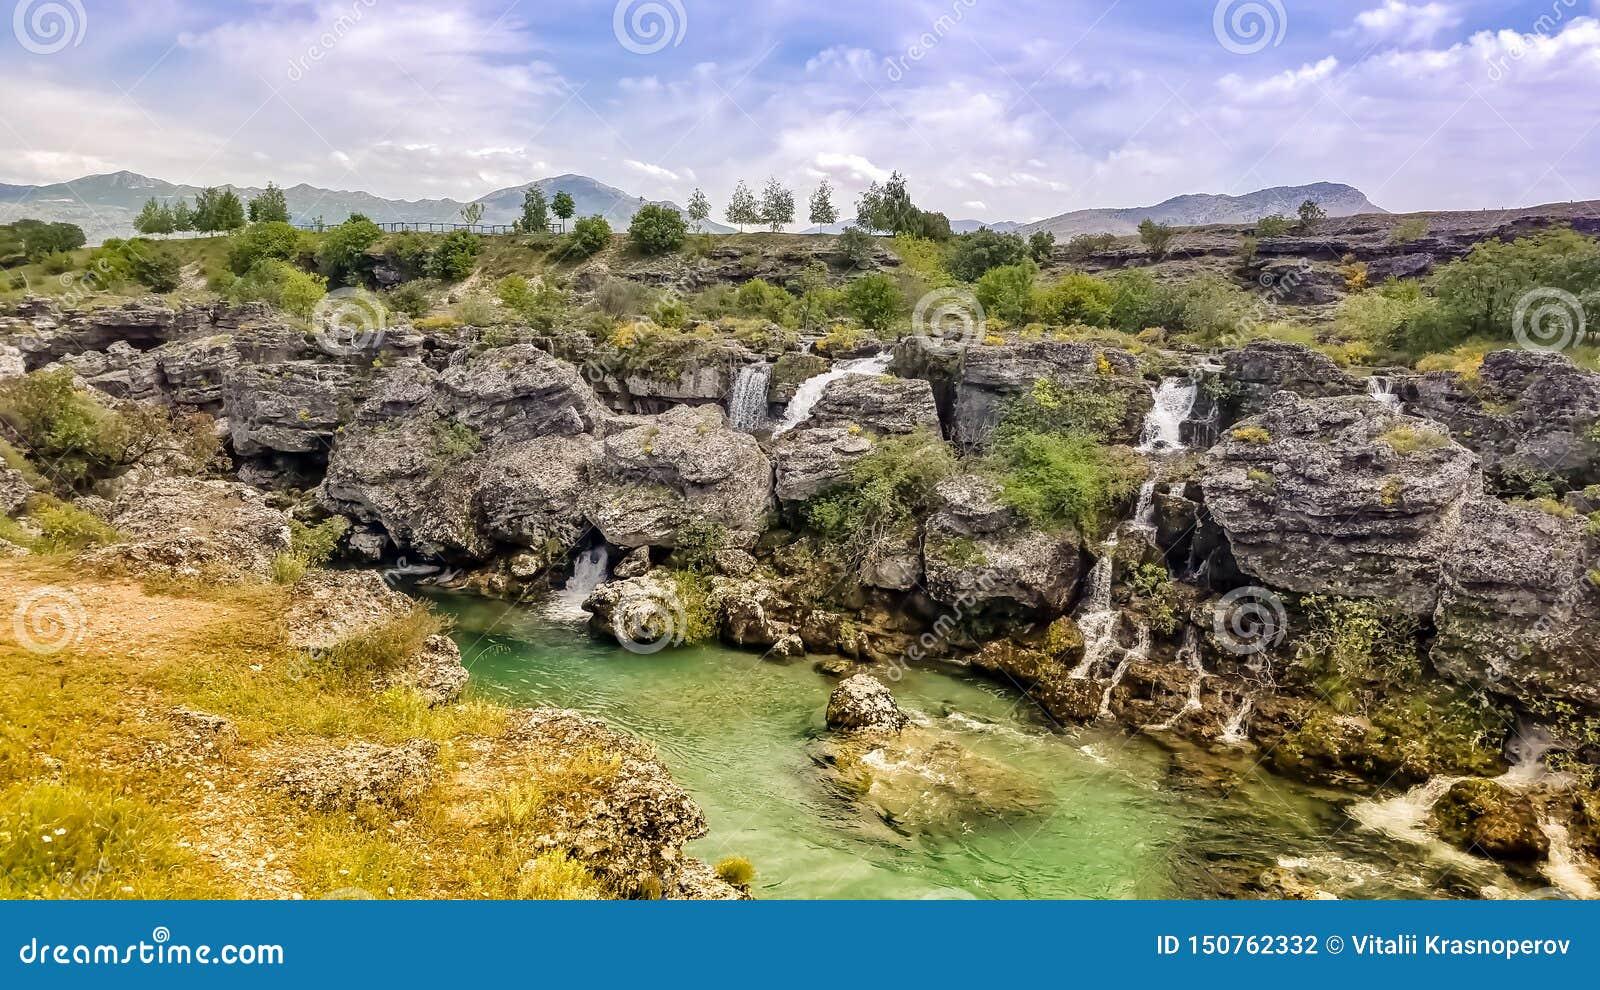 Πολλοί καταρράκτες του τυρκουάζ cijevna ποταμών στο niagara πέφτουν προορισμός στη μαγική ατμόσφαιρα